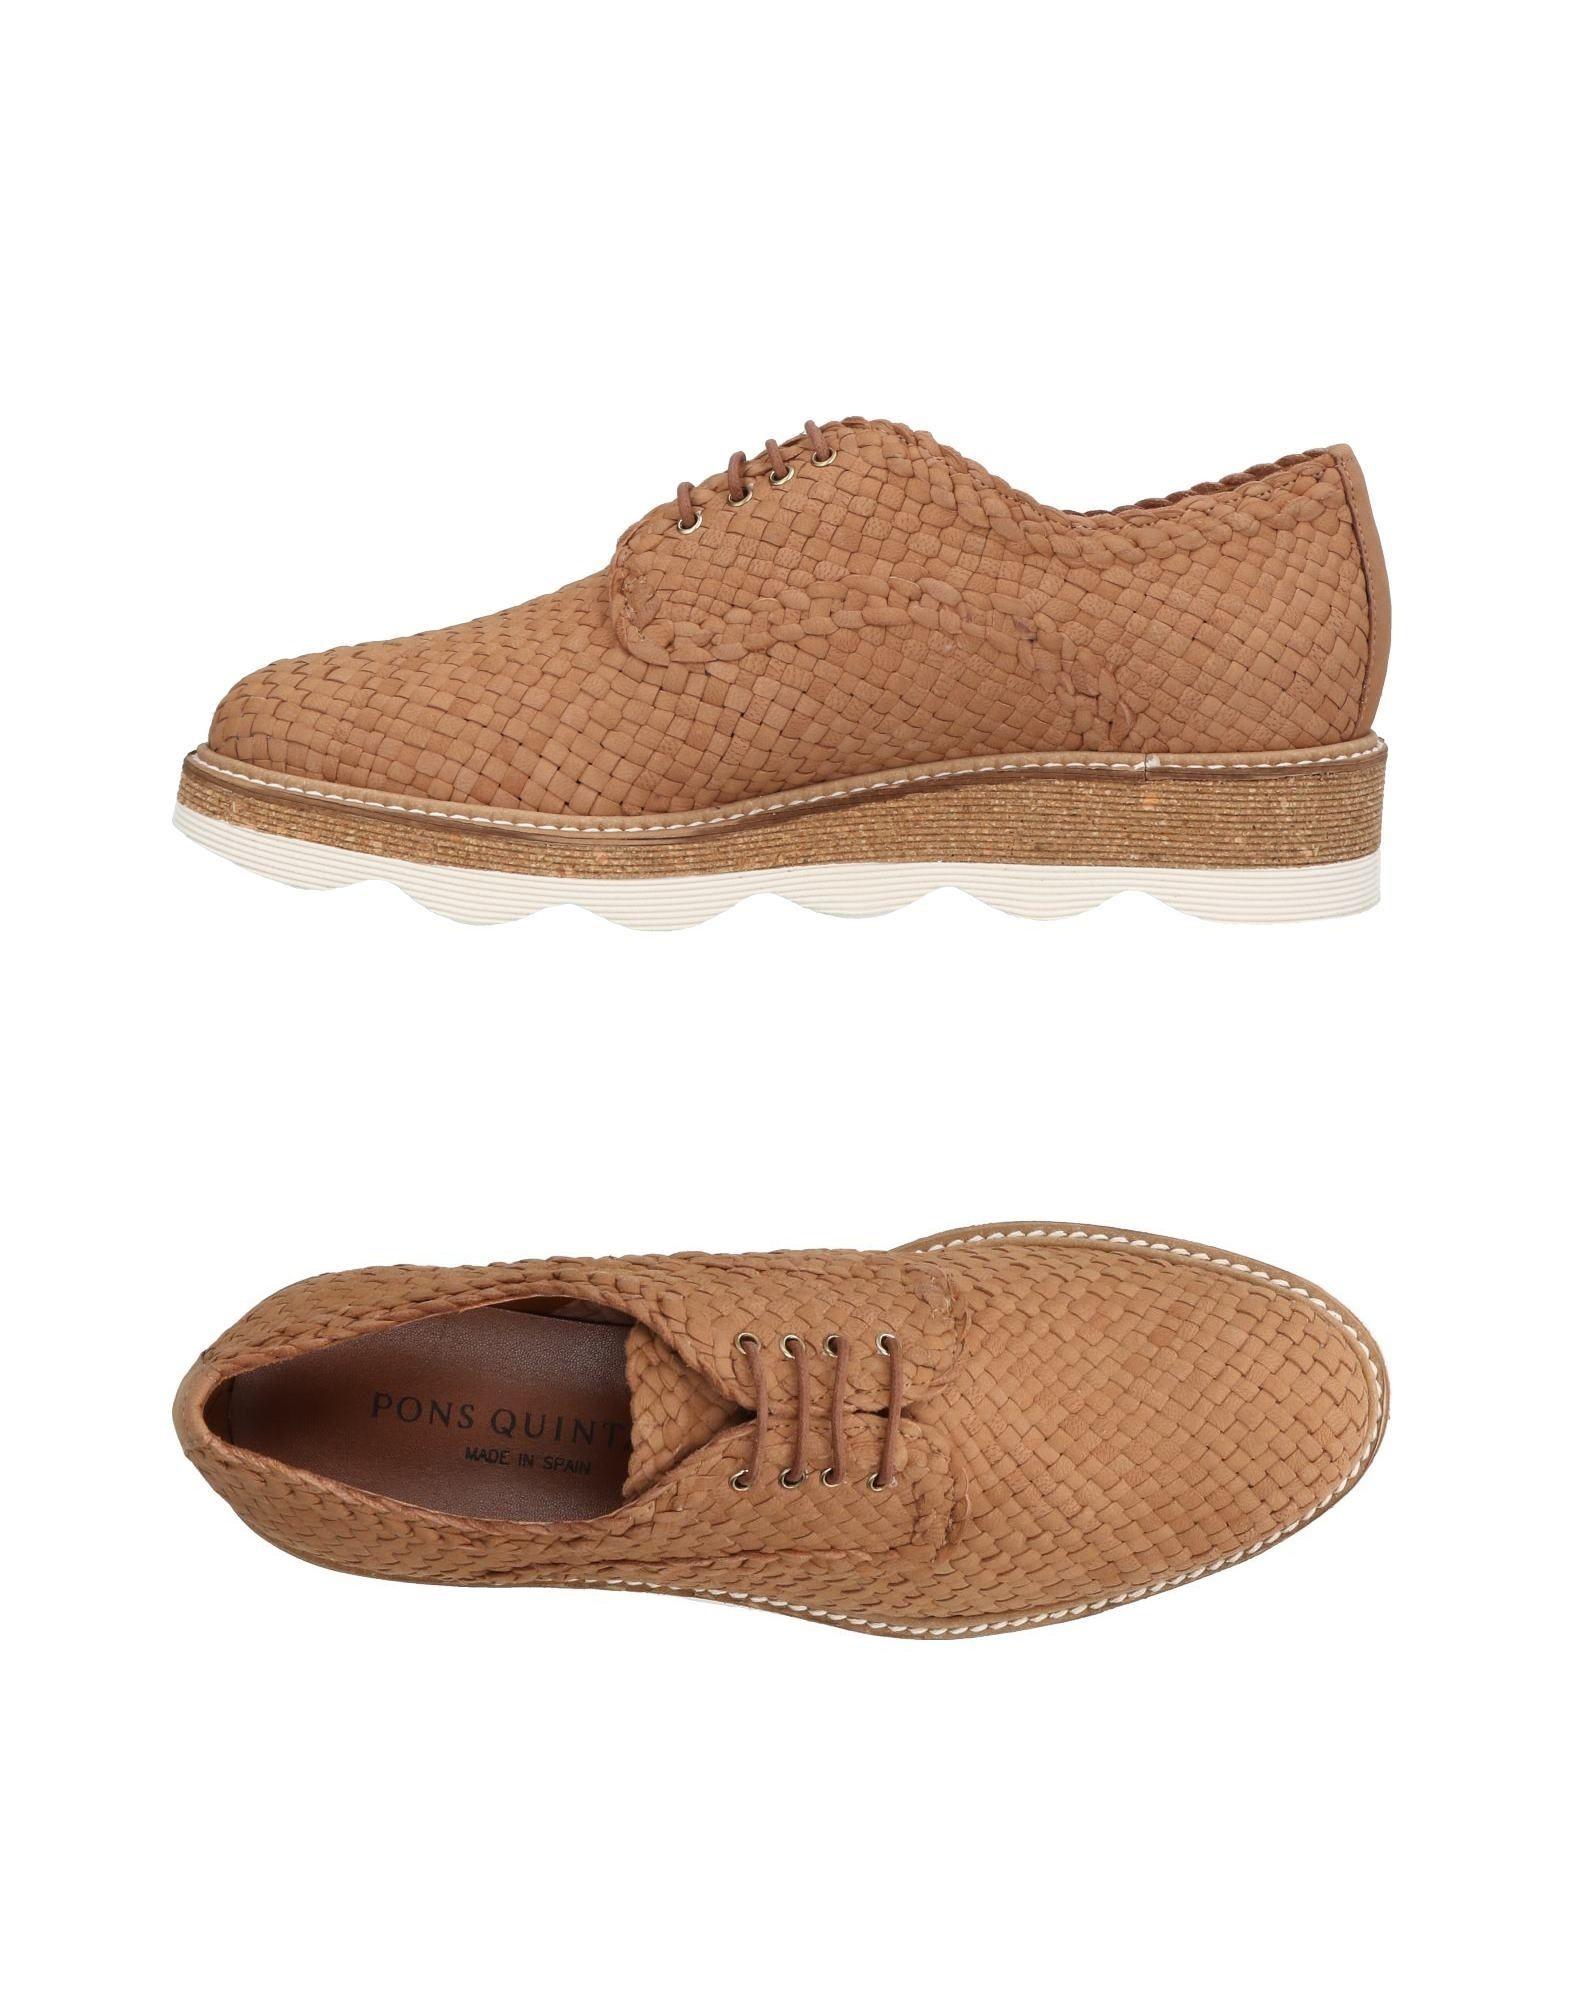 Pons Quintana Schnürschuhe Damen  11433690TR Gute Qualität beliebte Schuhe